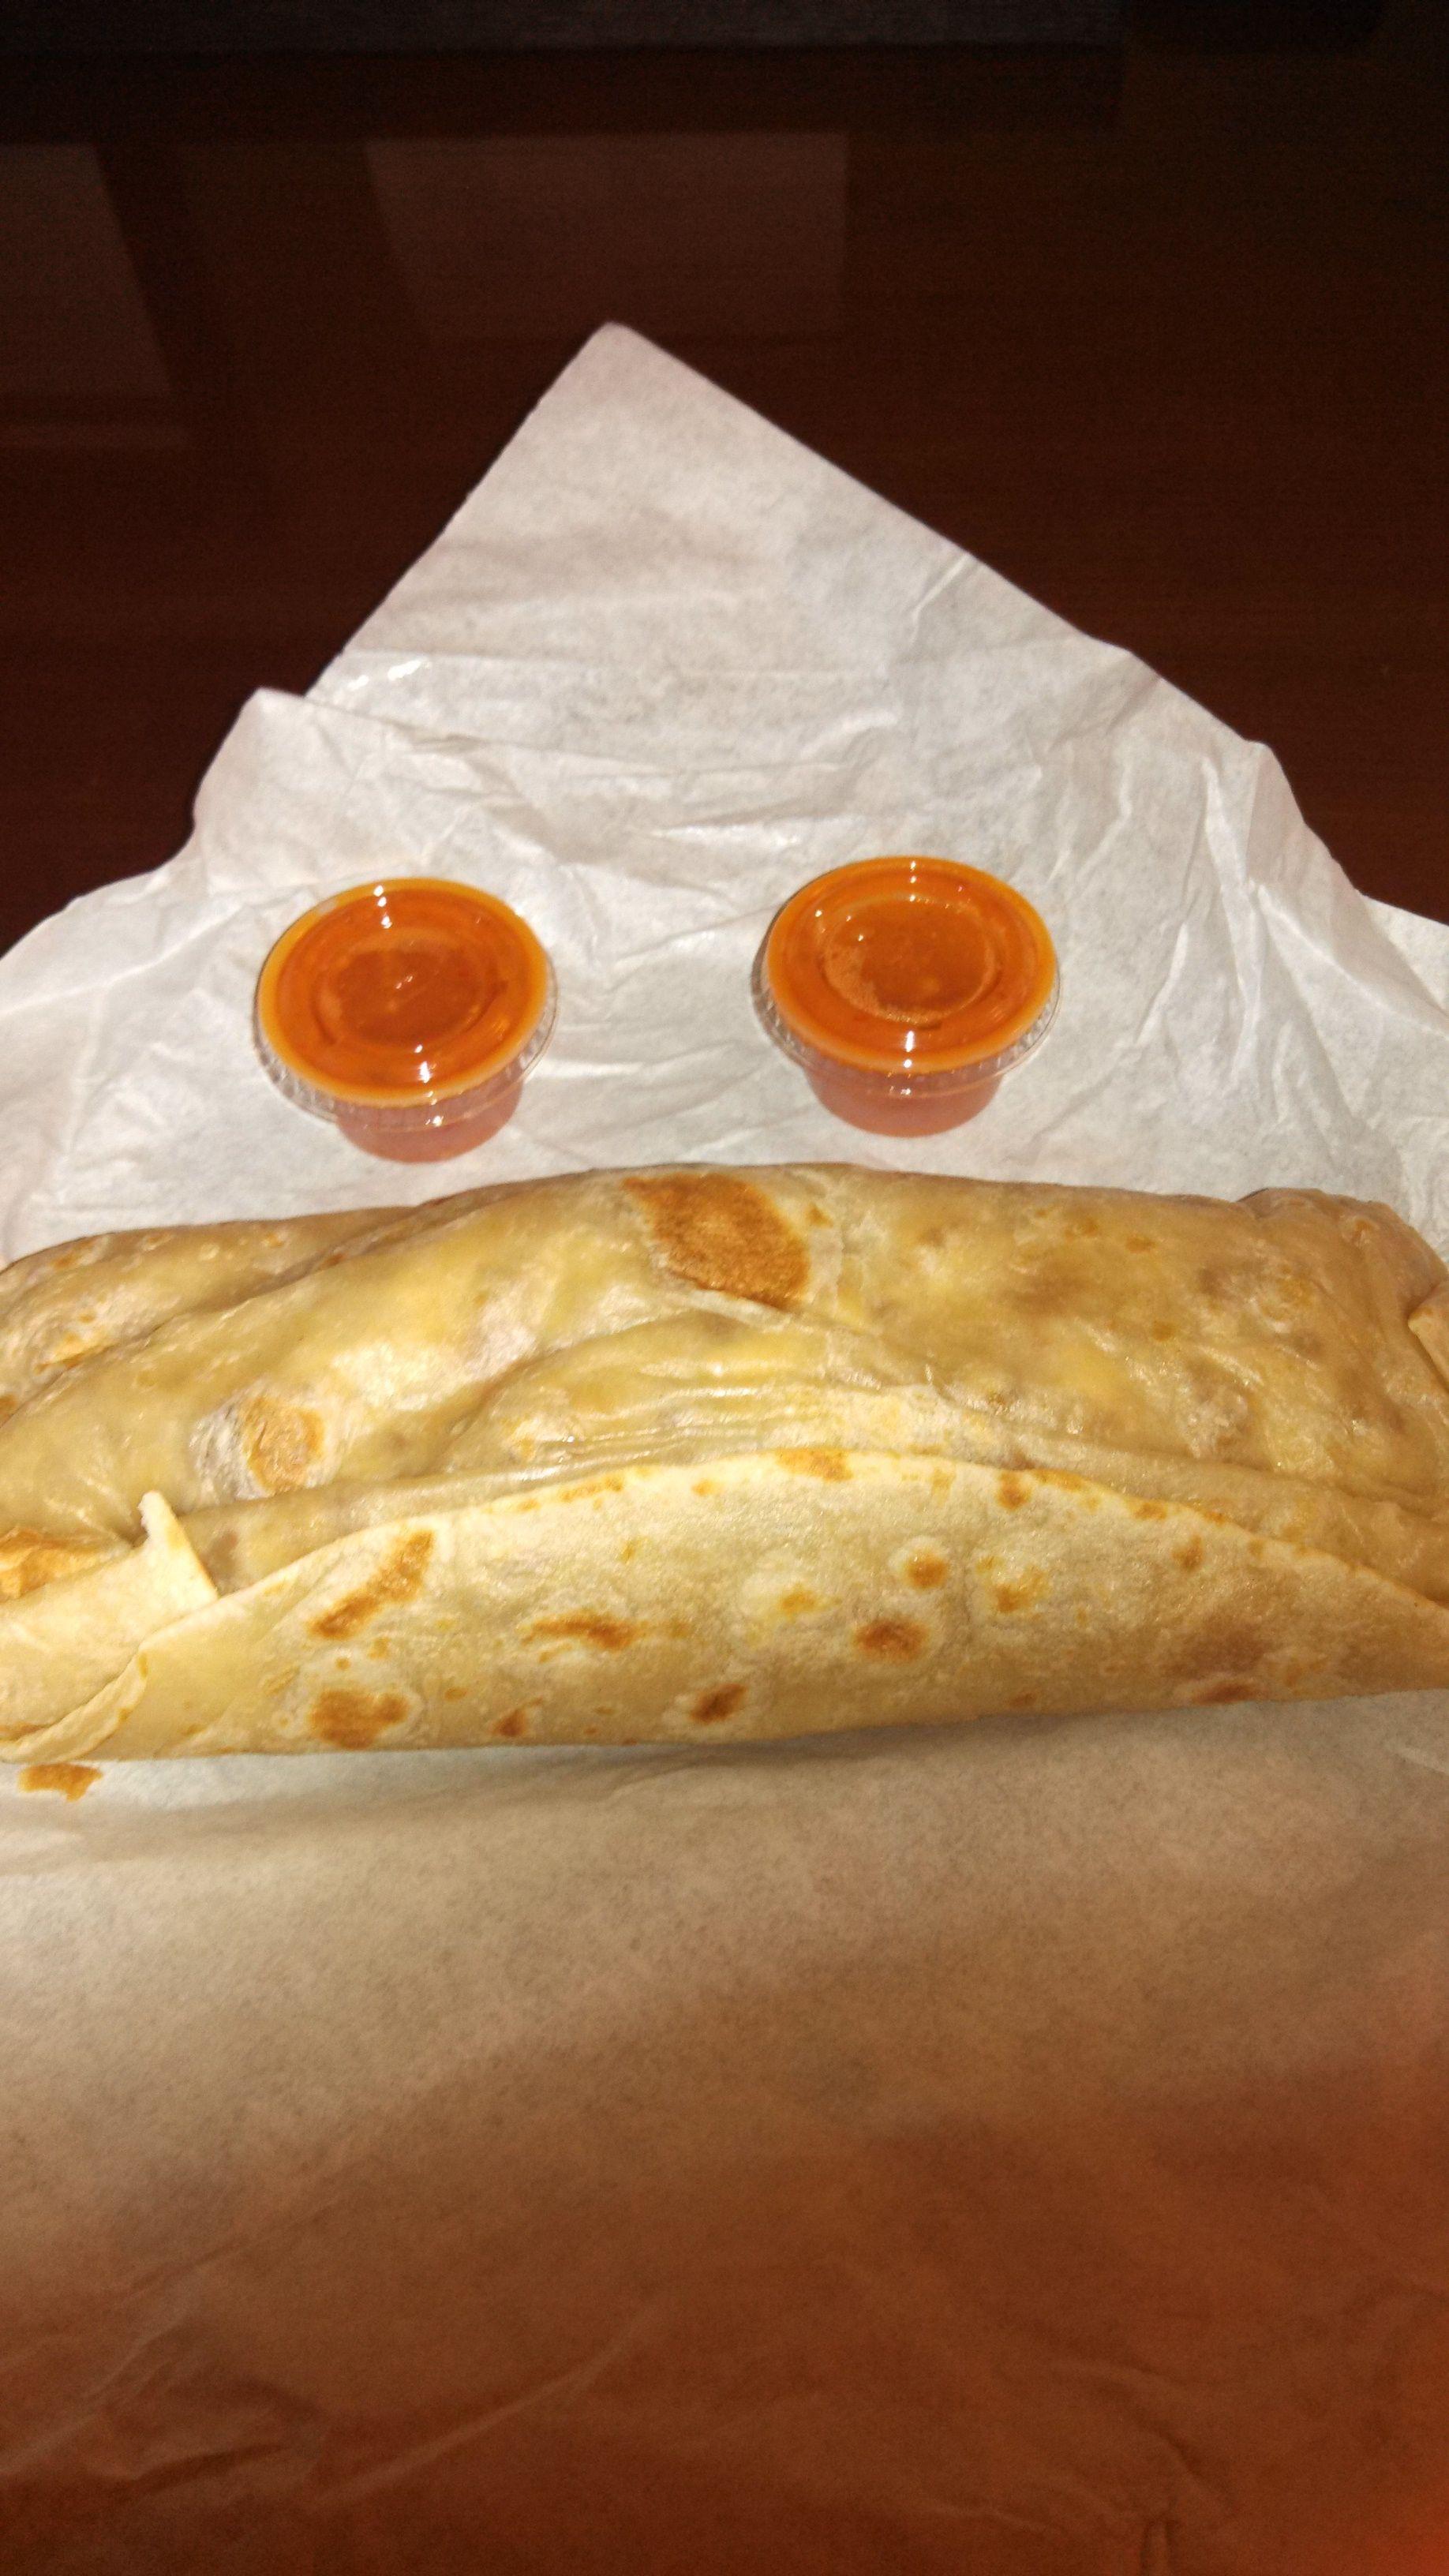 California Burrito From Rigoberto S In La Jolla Ca Their Taco Shop